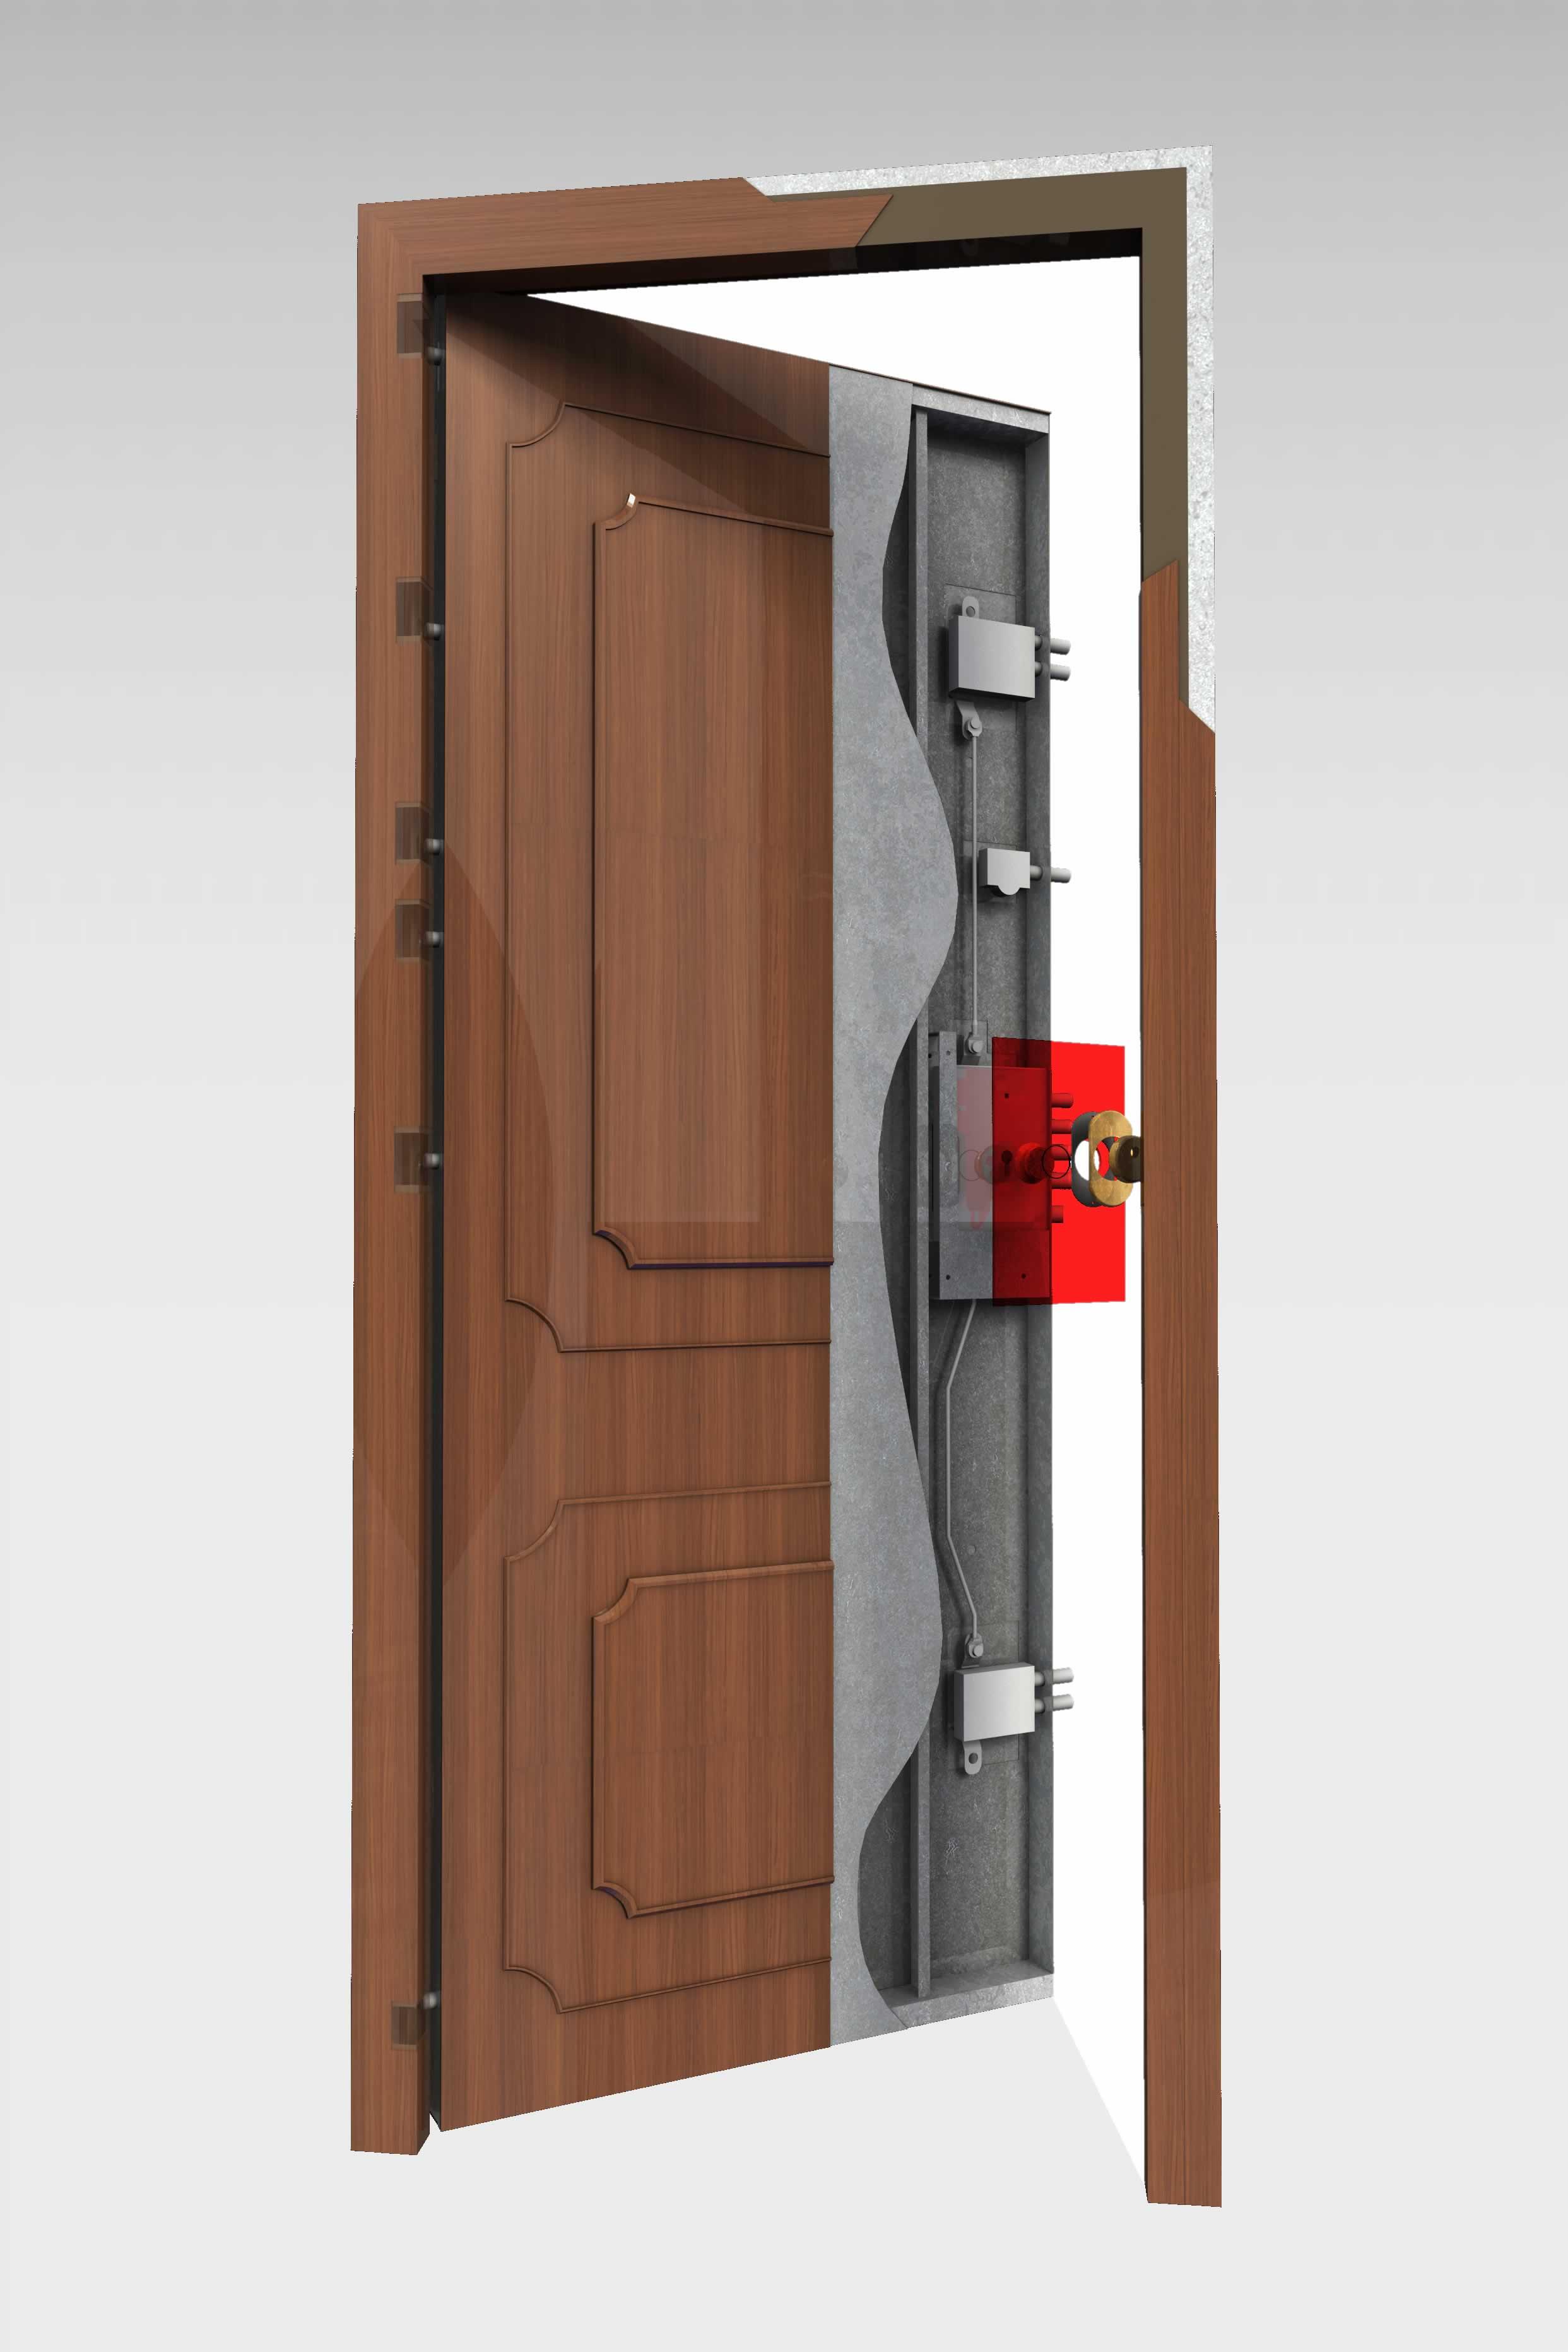 Puerta acorazada 310 roconsa - Puertas norma catalogo ...